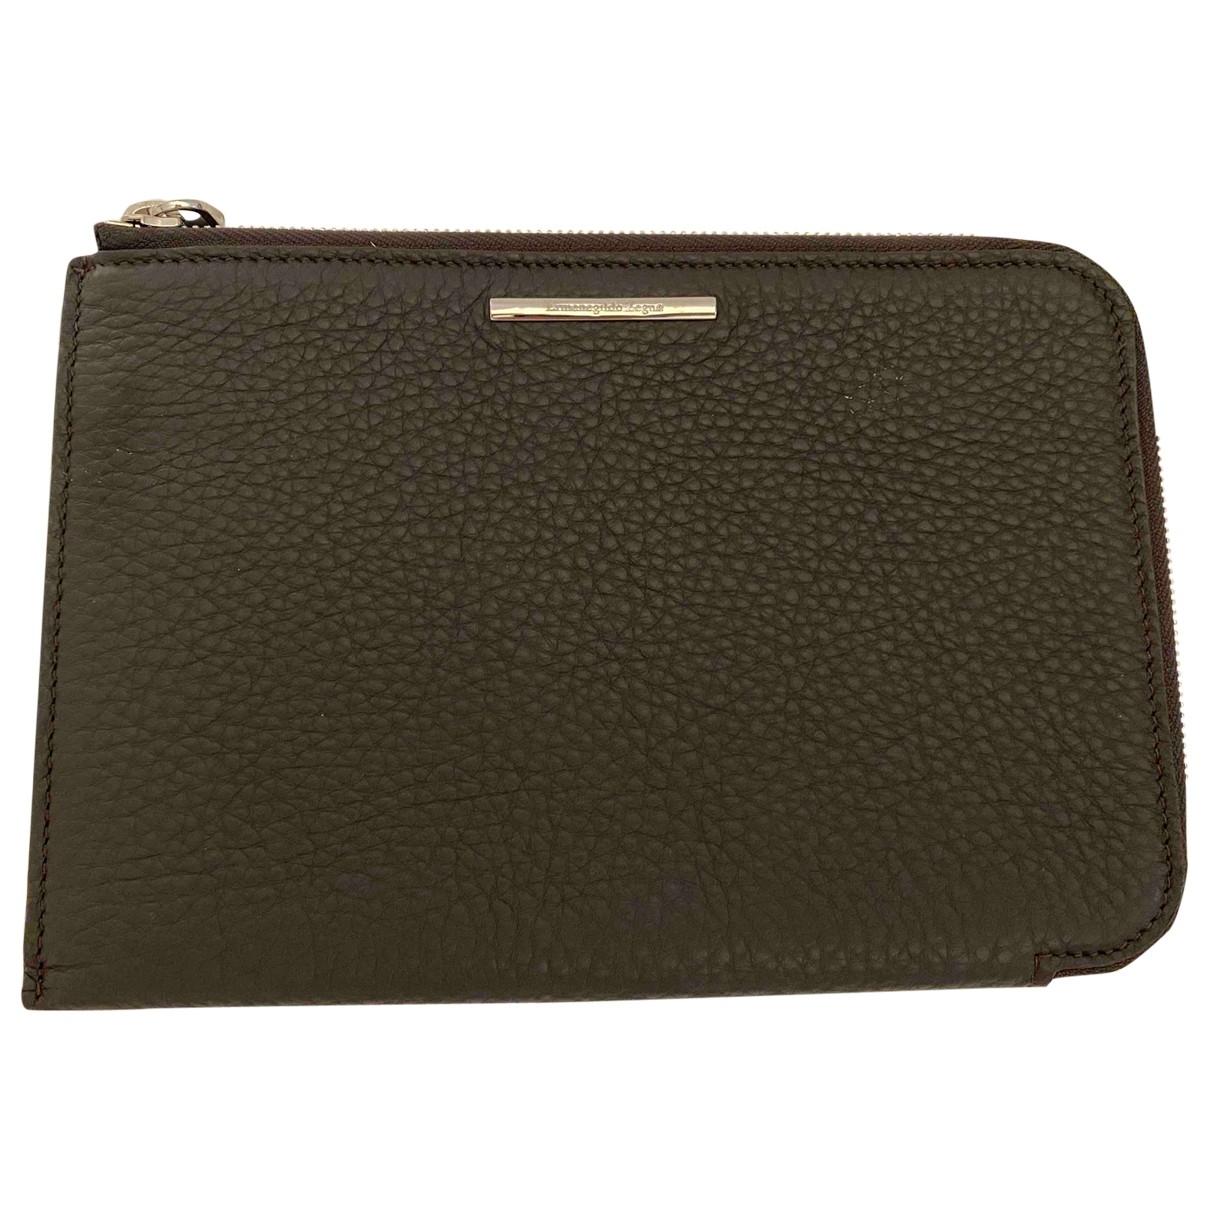 Ermenegildo Zegna \N Brown Leather Small bag, wallet & cases for Men \N